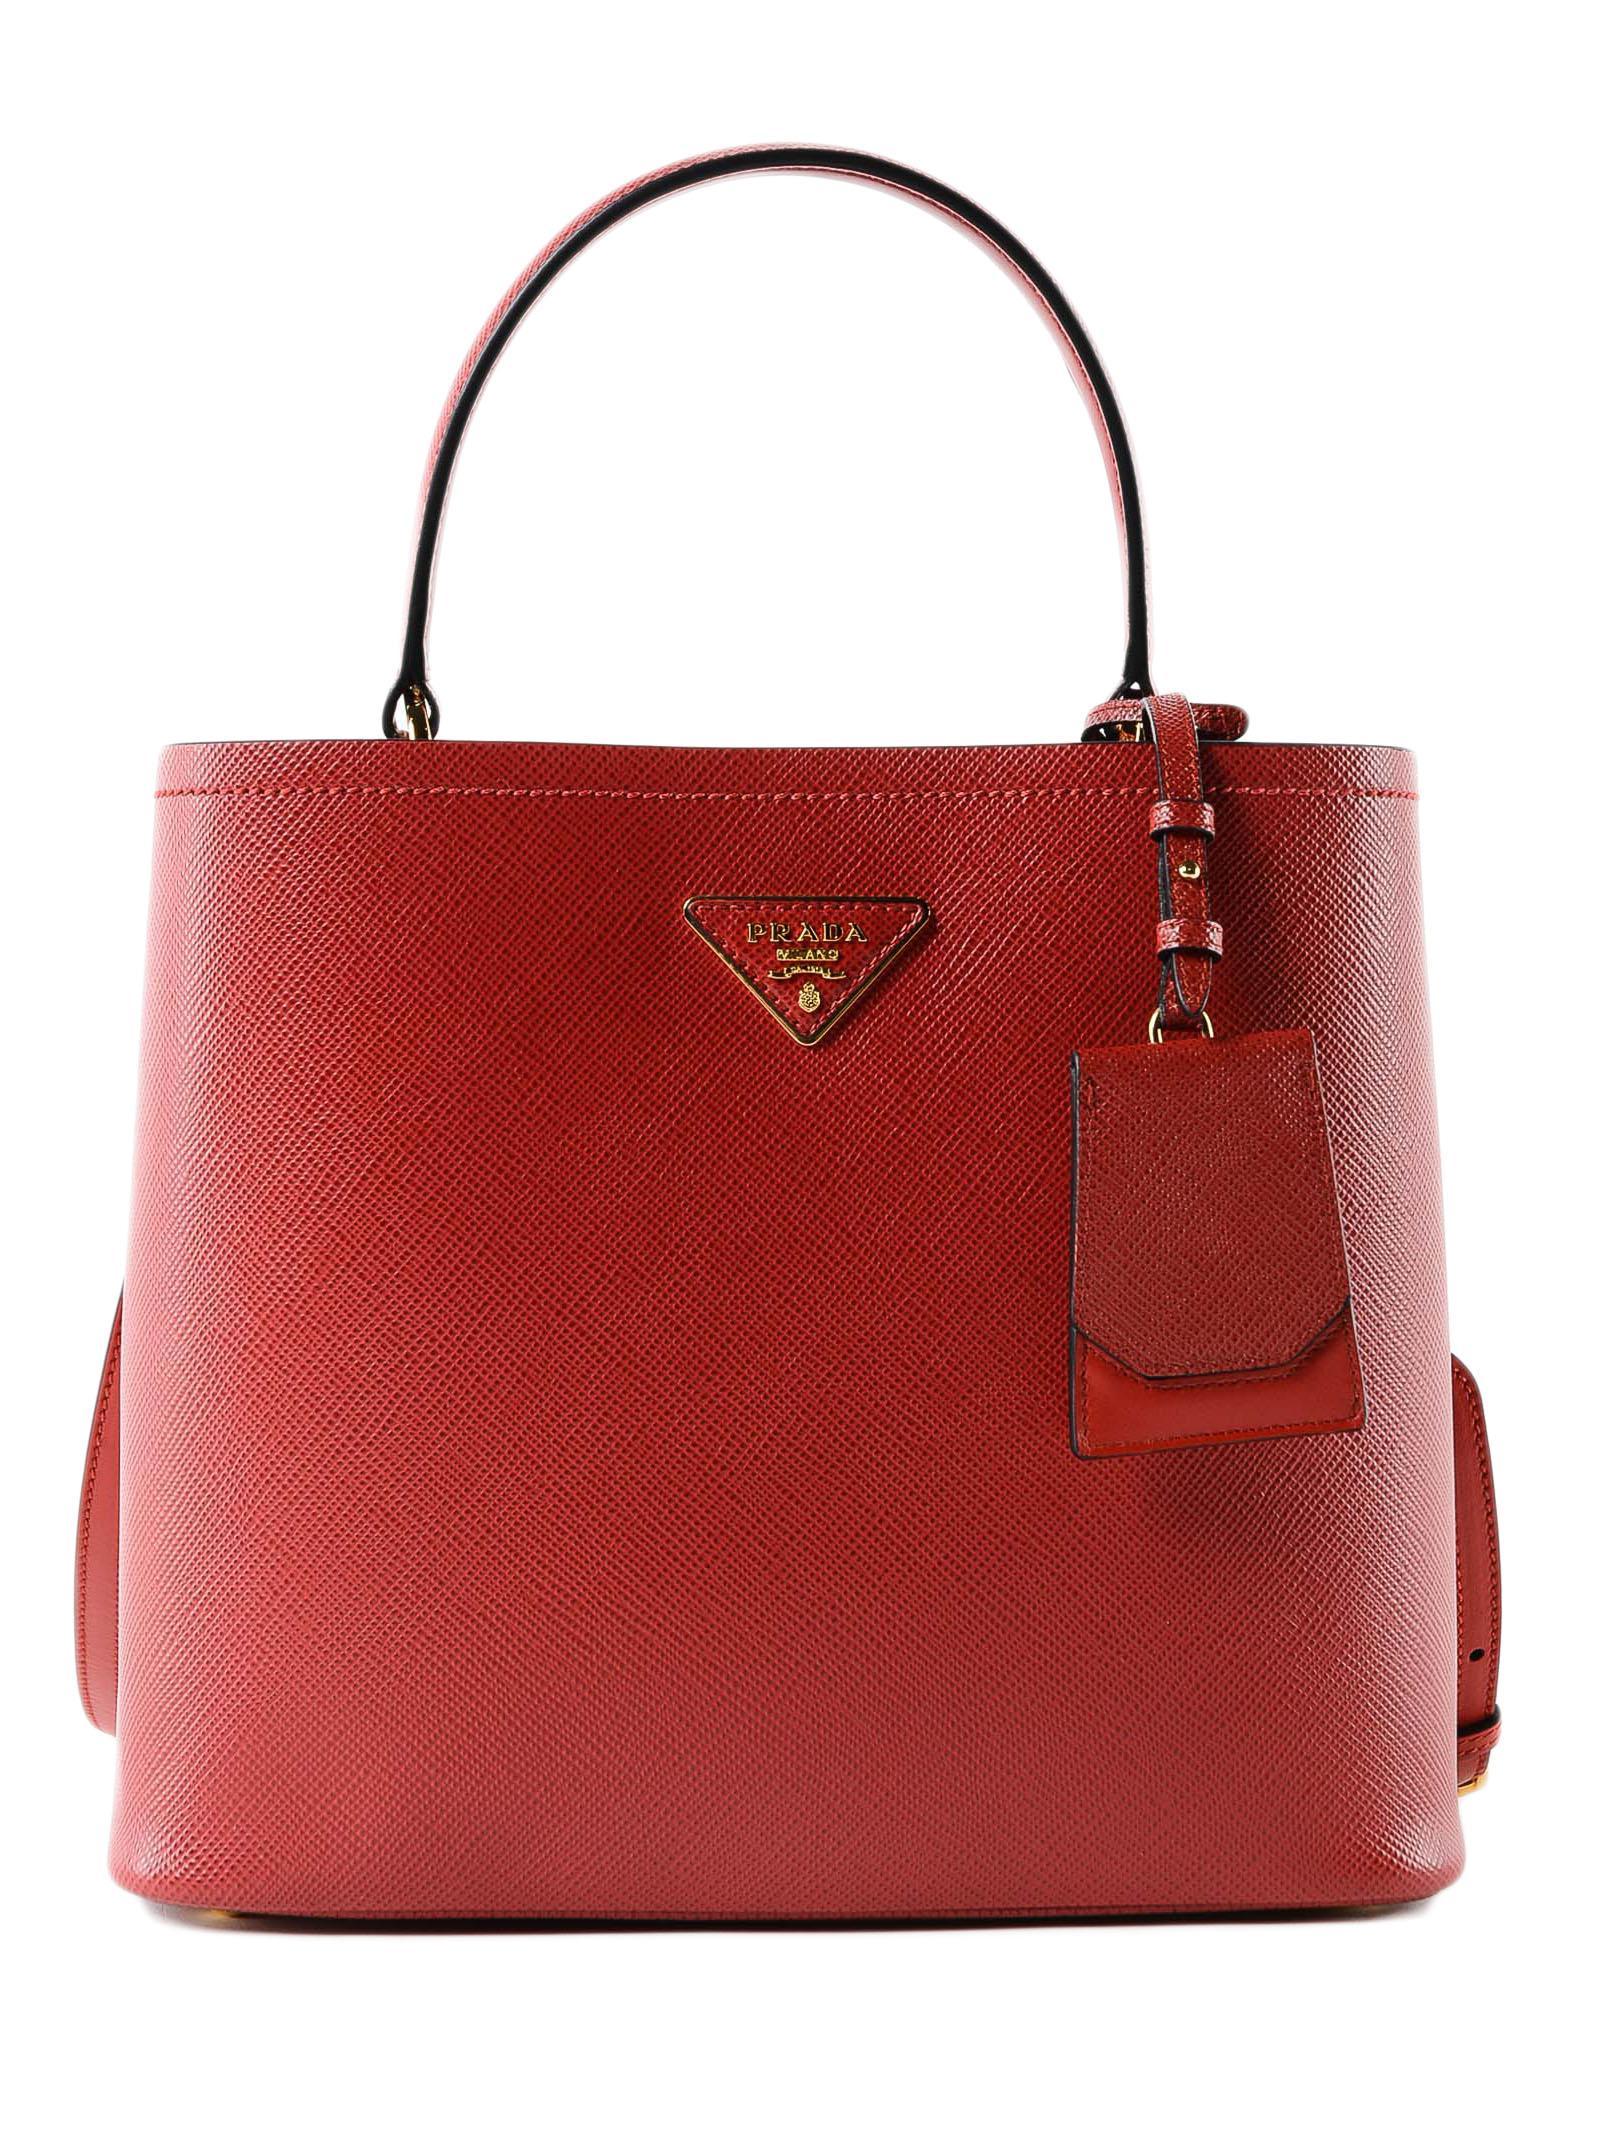 a527a940d2a4 Prada - Red Handbag Saffiano+city Calf - Lyst. View fullscreen